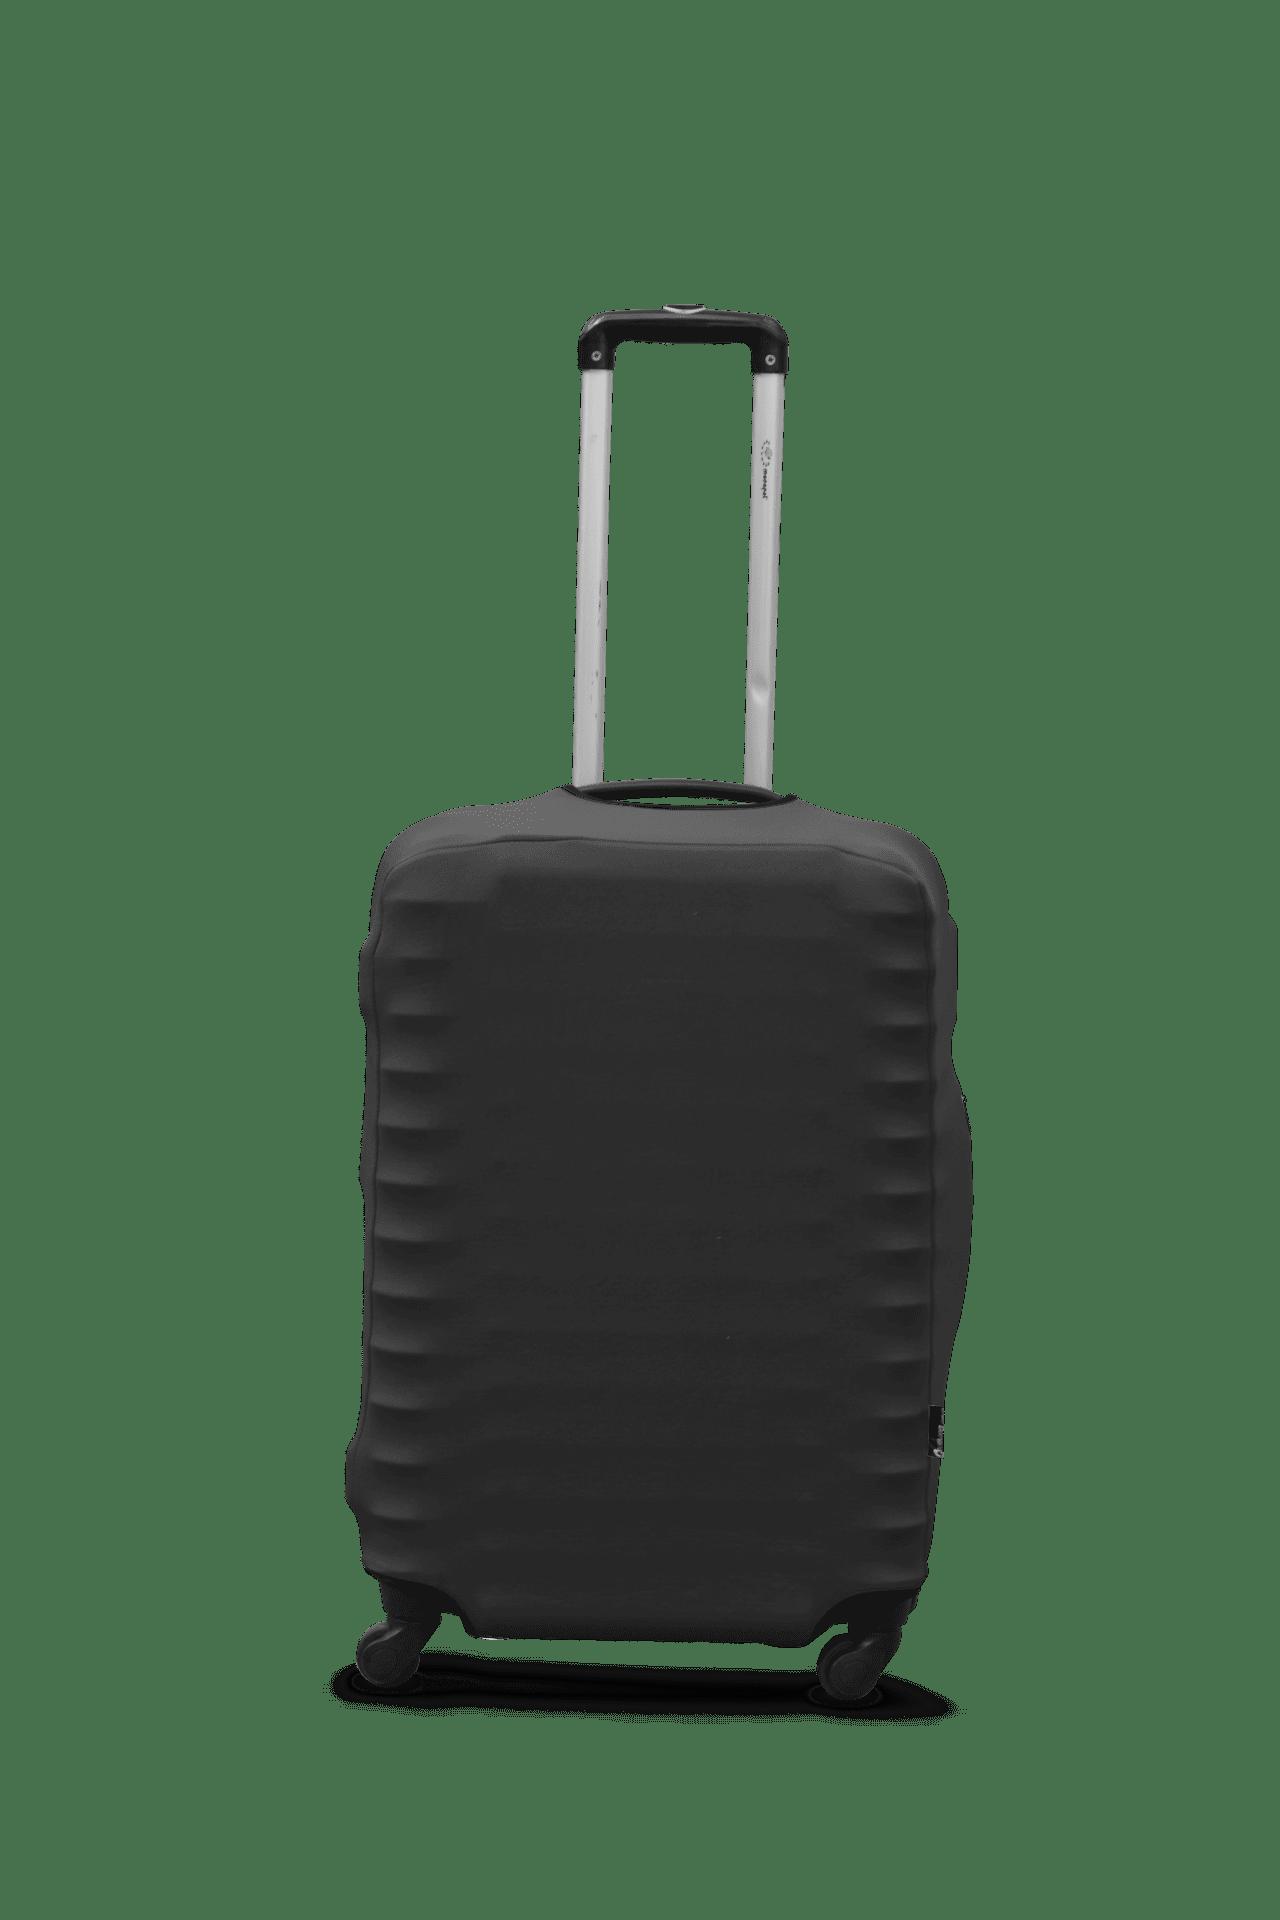 Husa pentru valiza daiving Cover DAWING S GREY